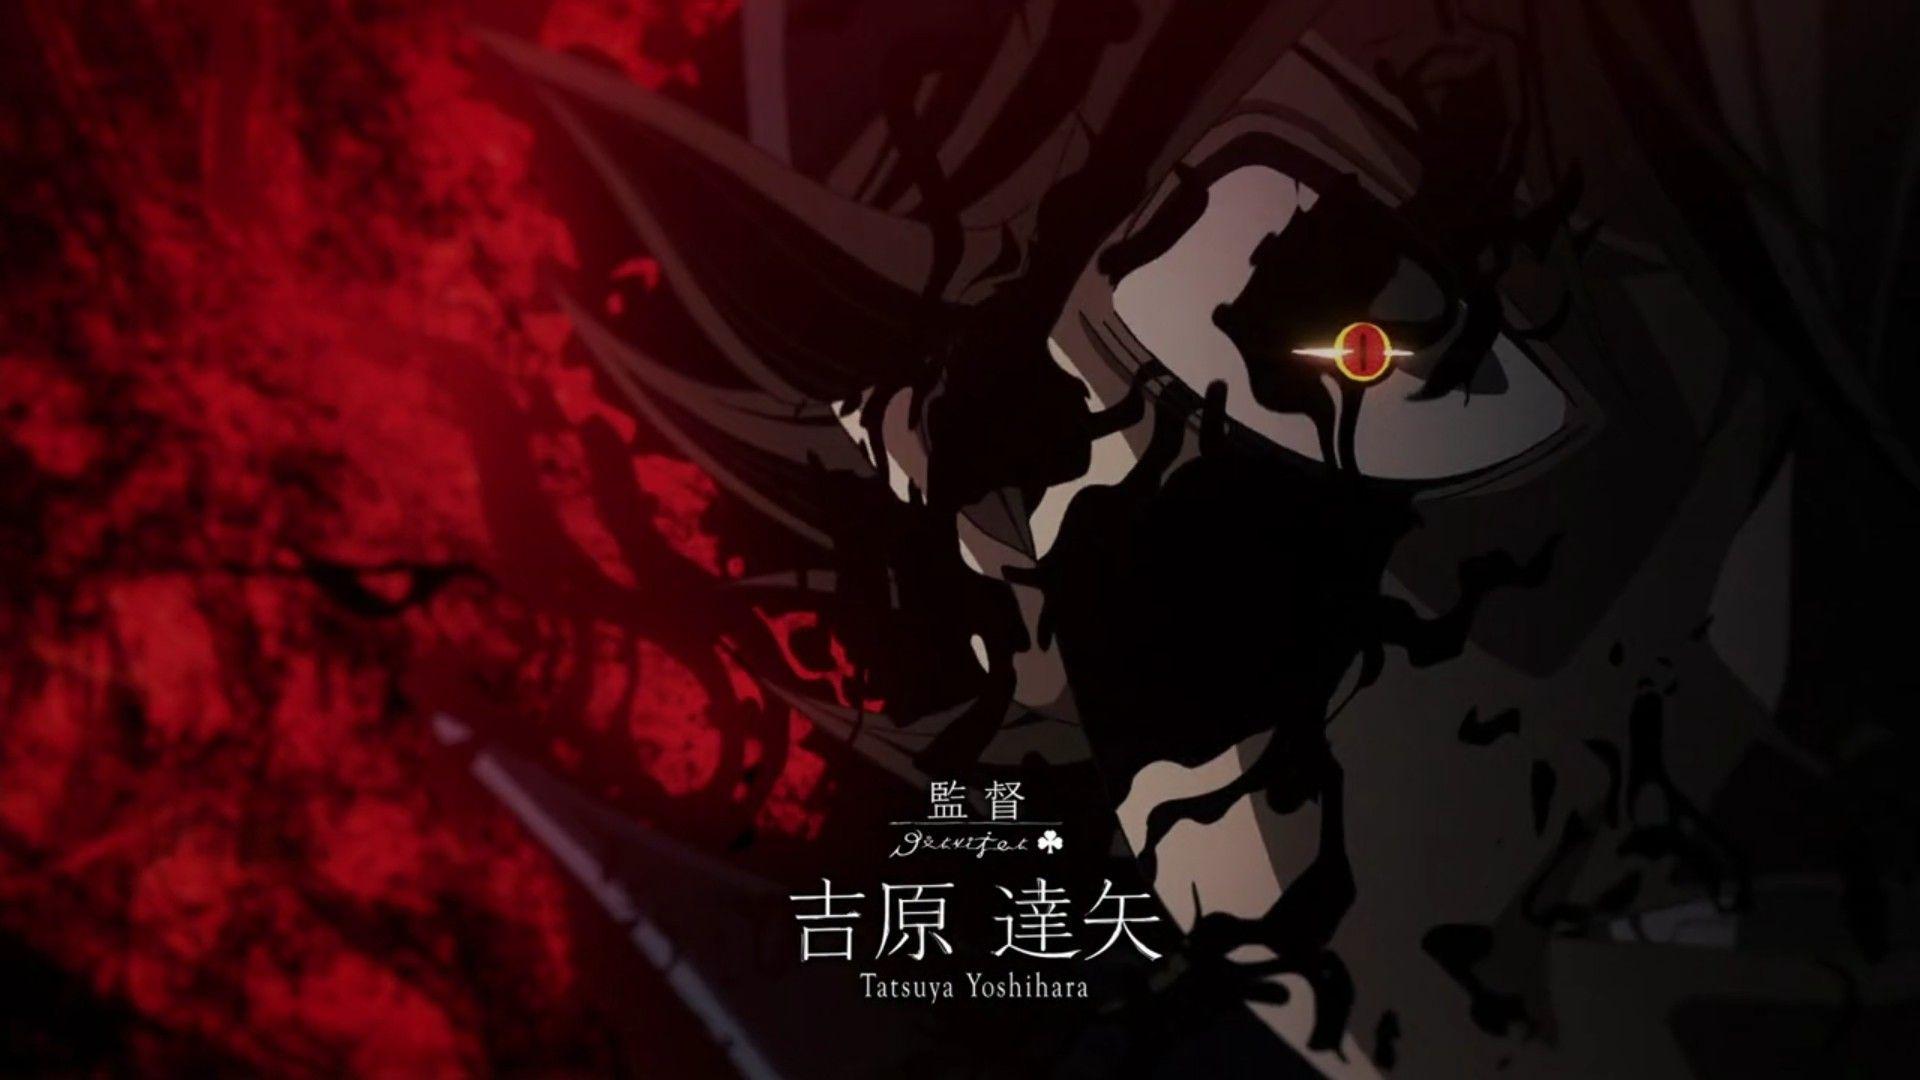 Asta Demon Form Com Imagens